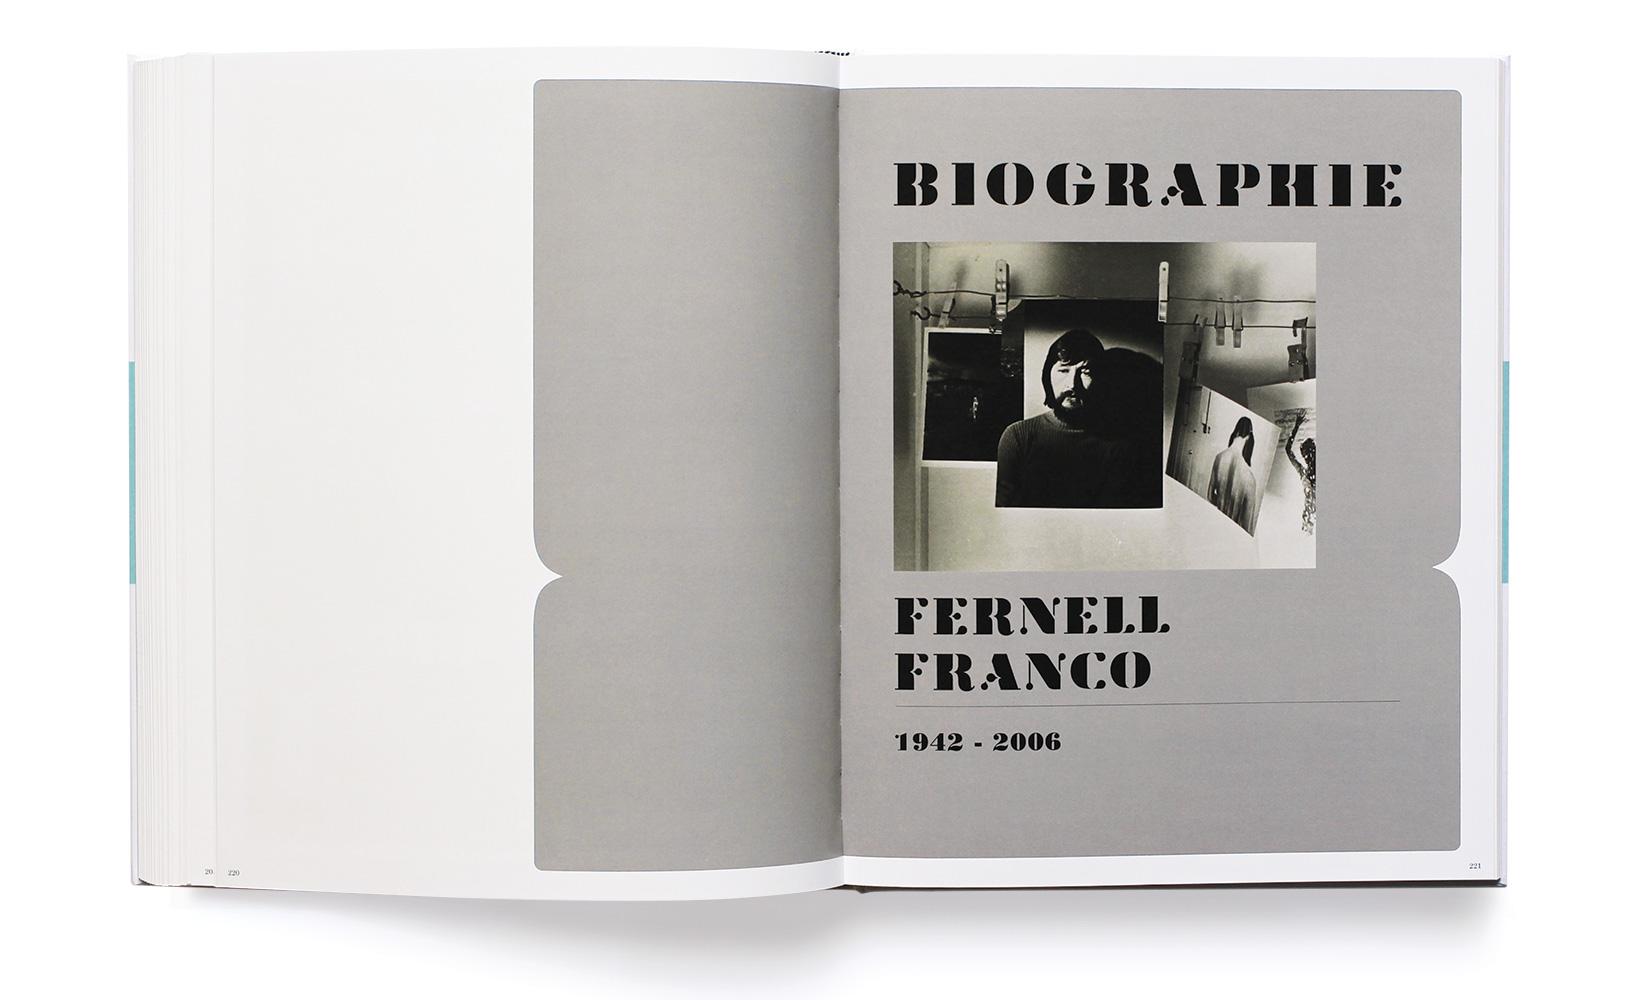 Fernell-franco-fondation-cartier-16.jpg